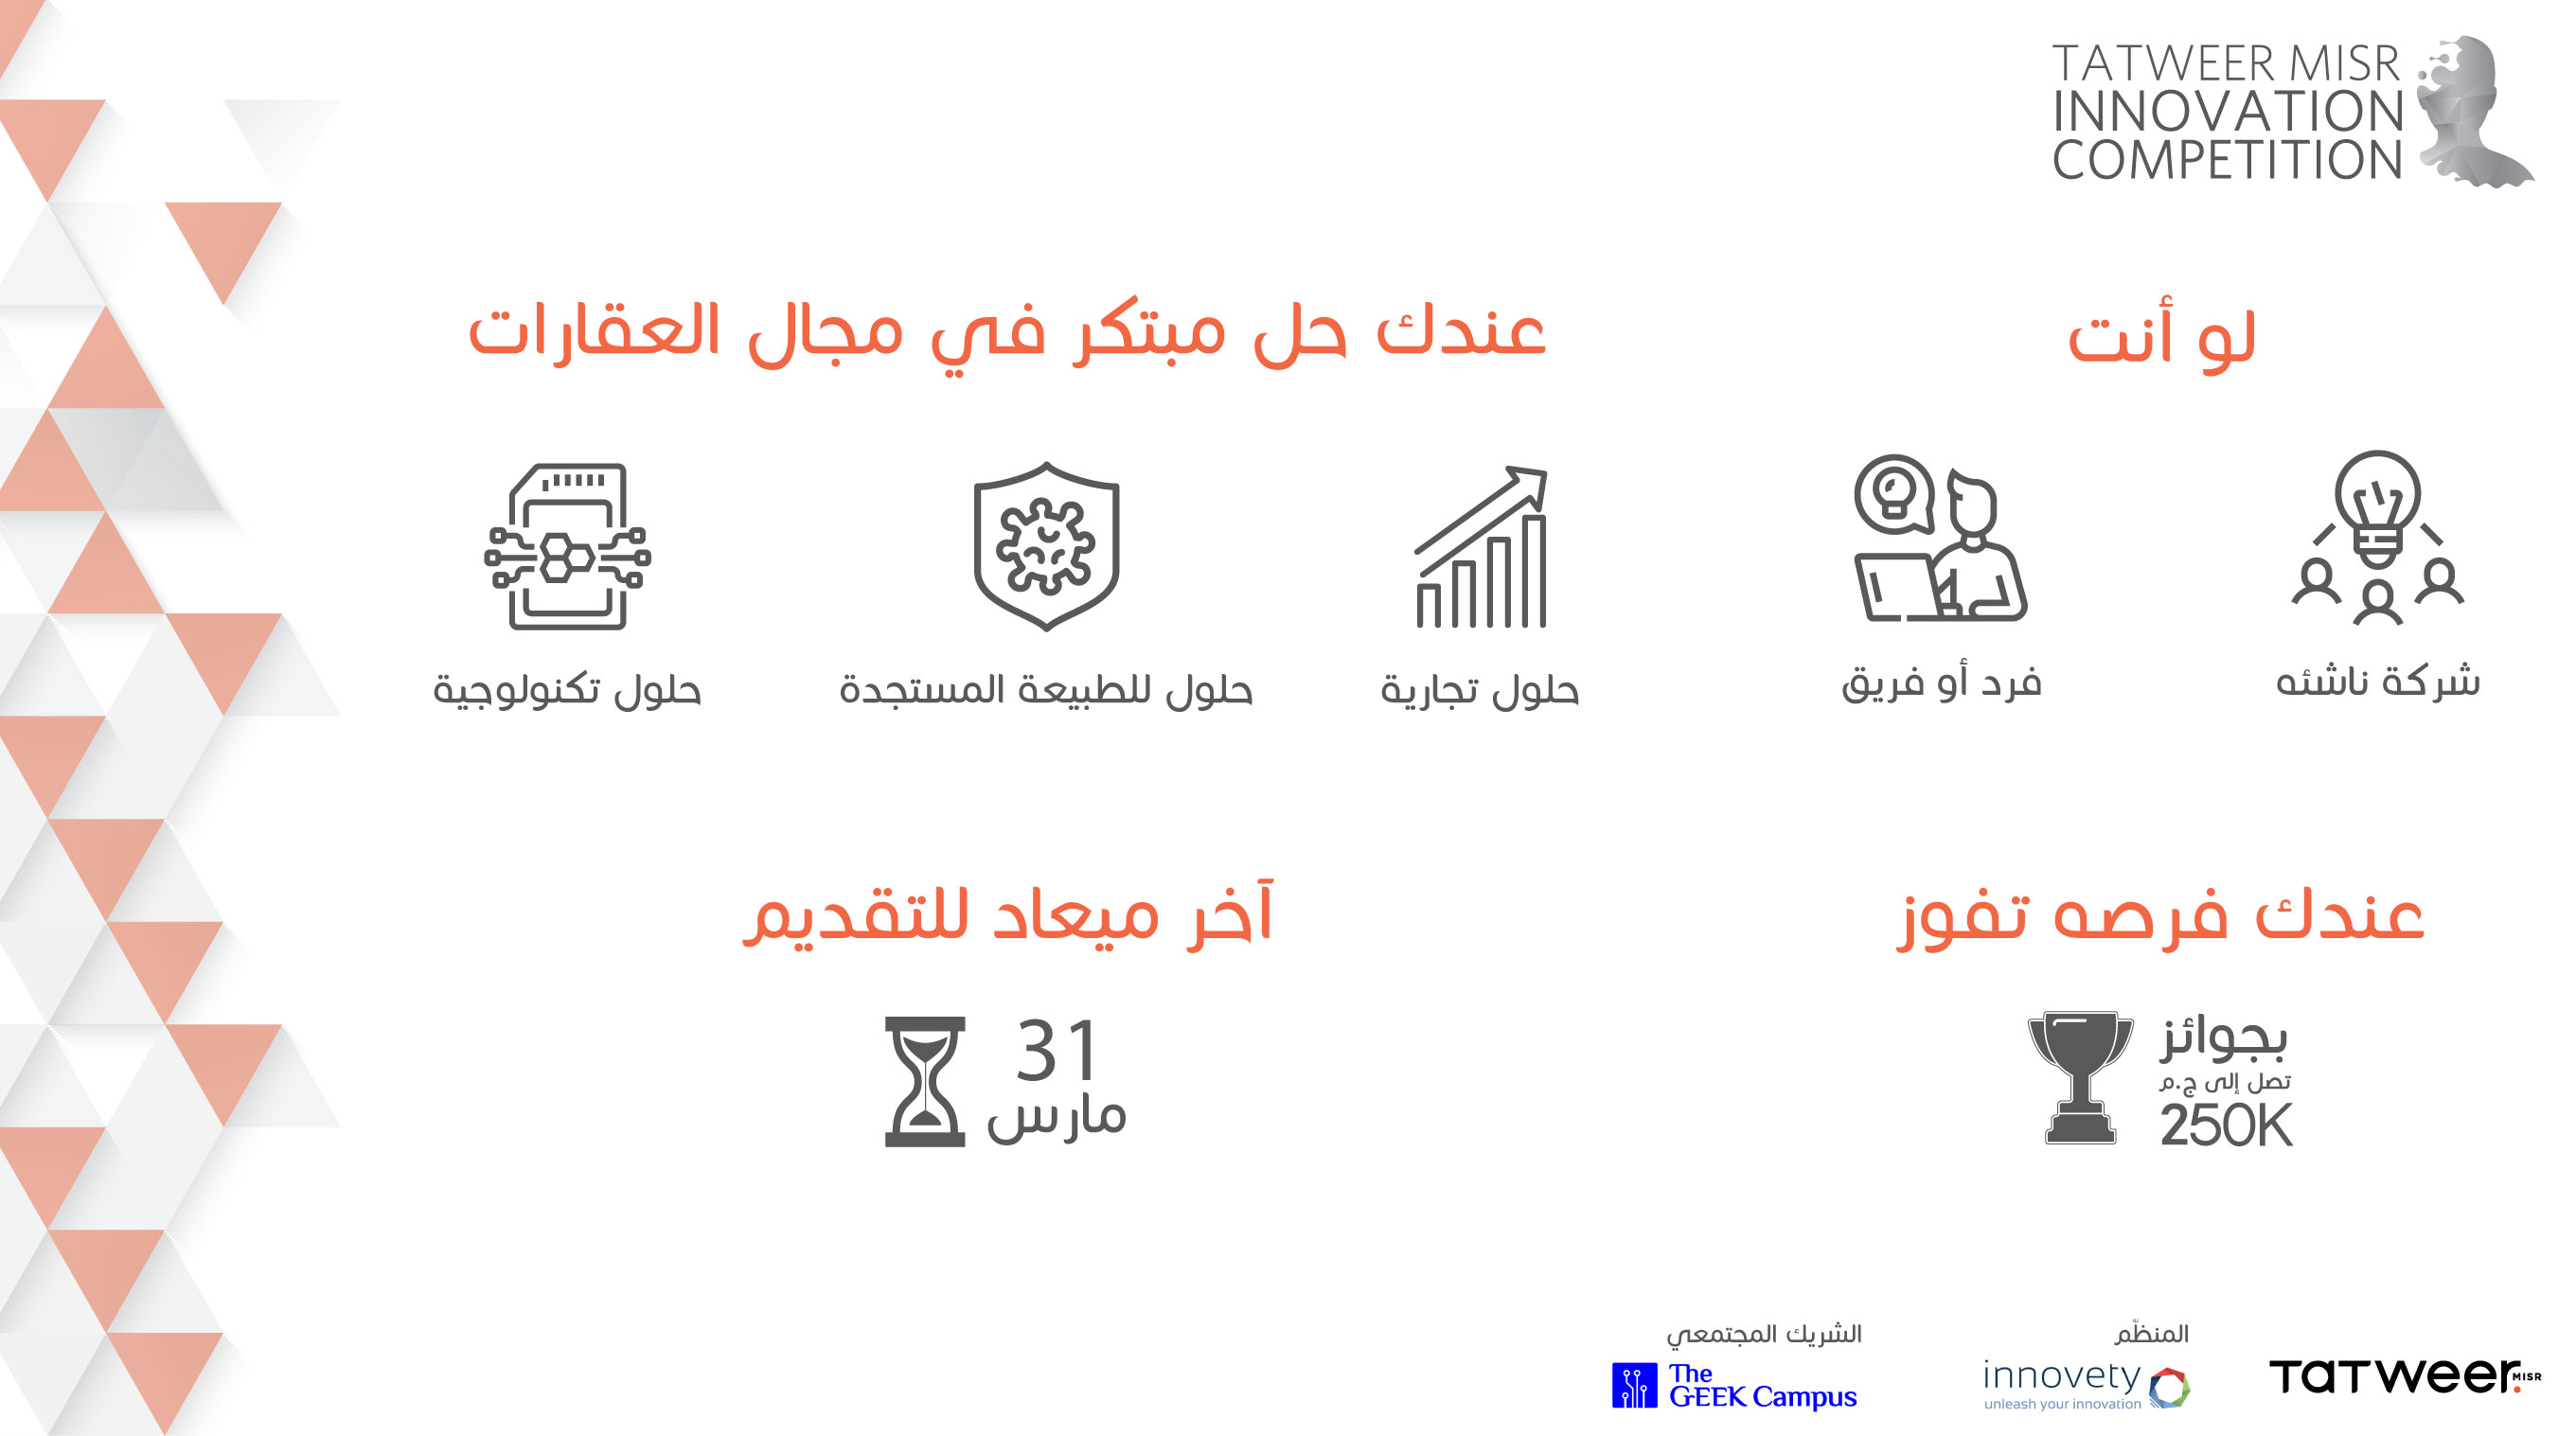 اشترك الآن في مسابقة تطوير مصر للابتكار